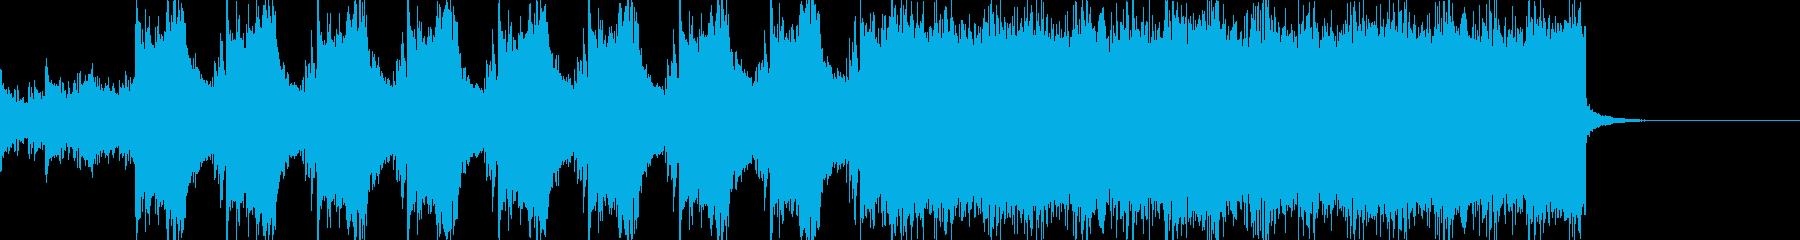 ゲームのバトルシーンBGMの再生済みの波形